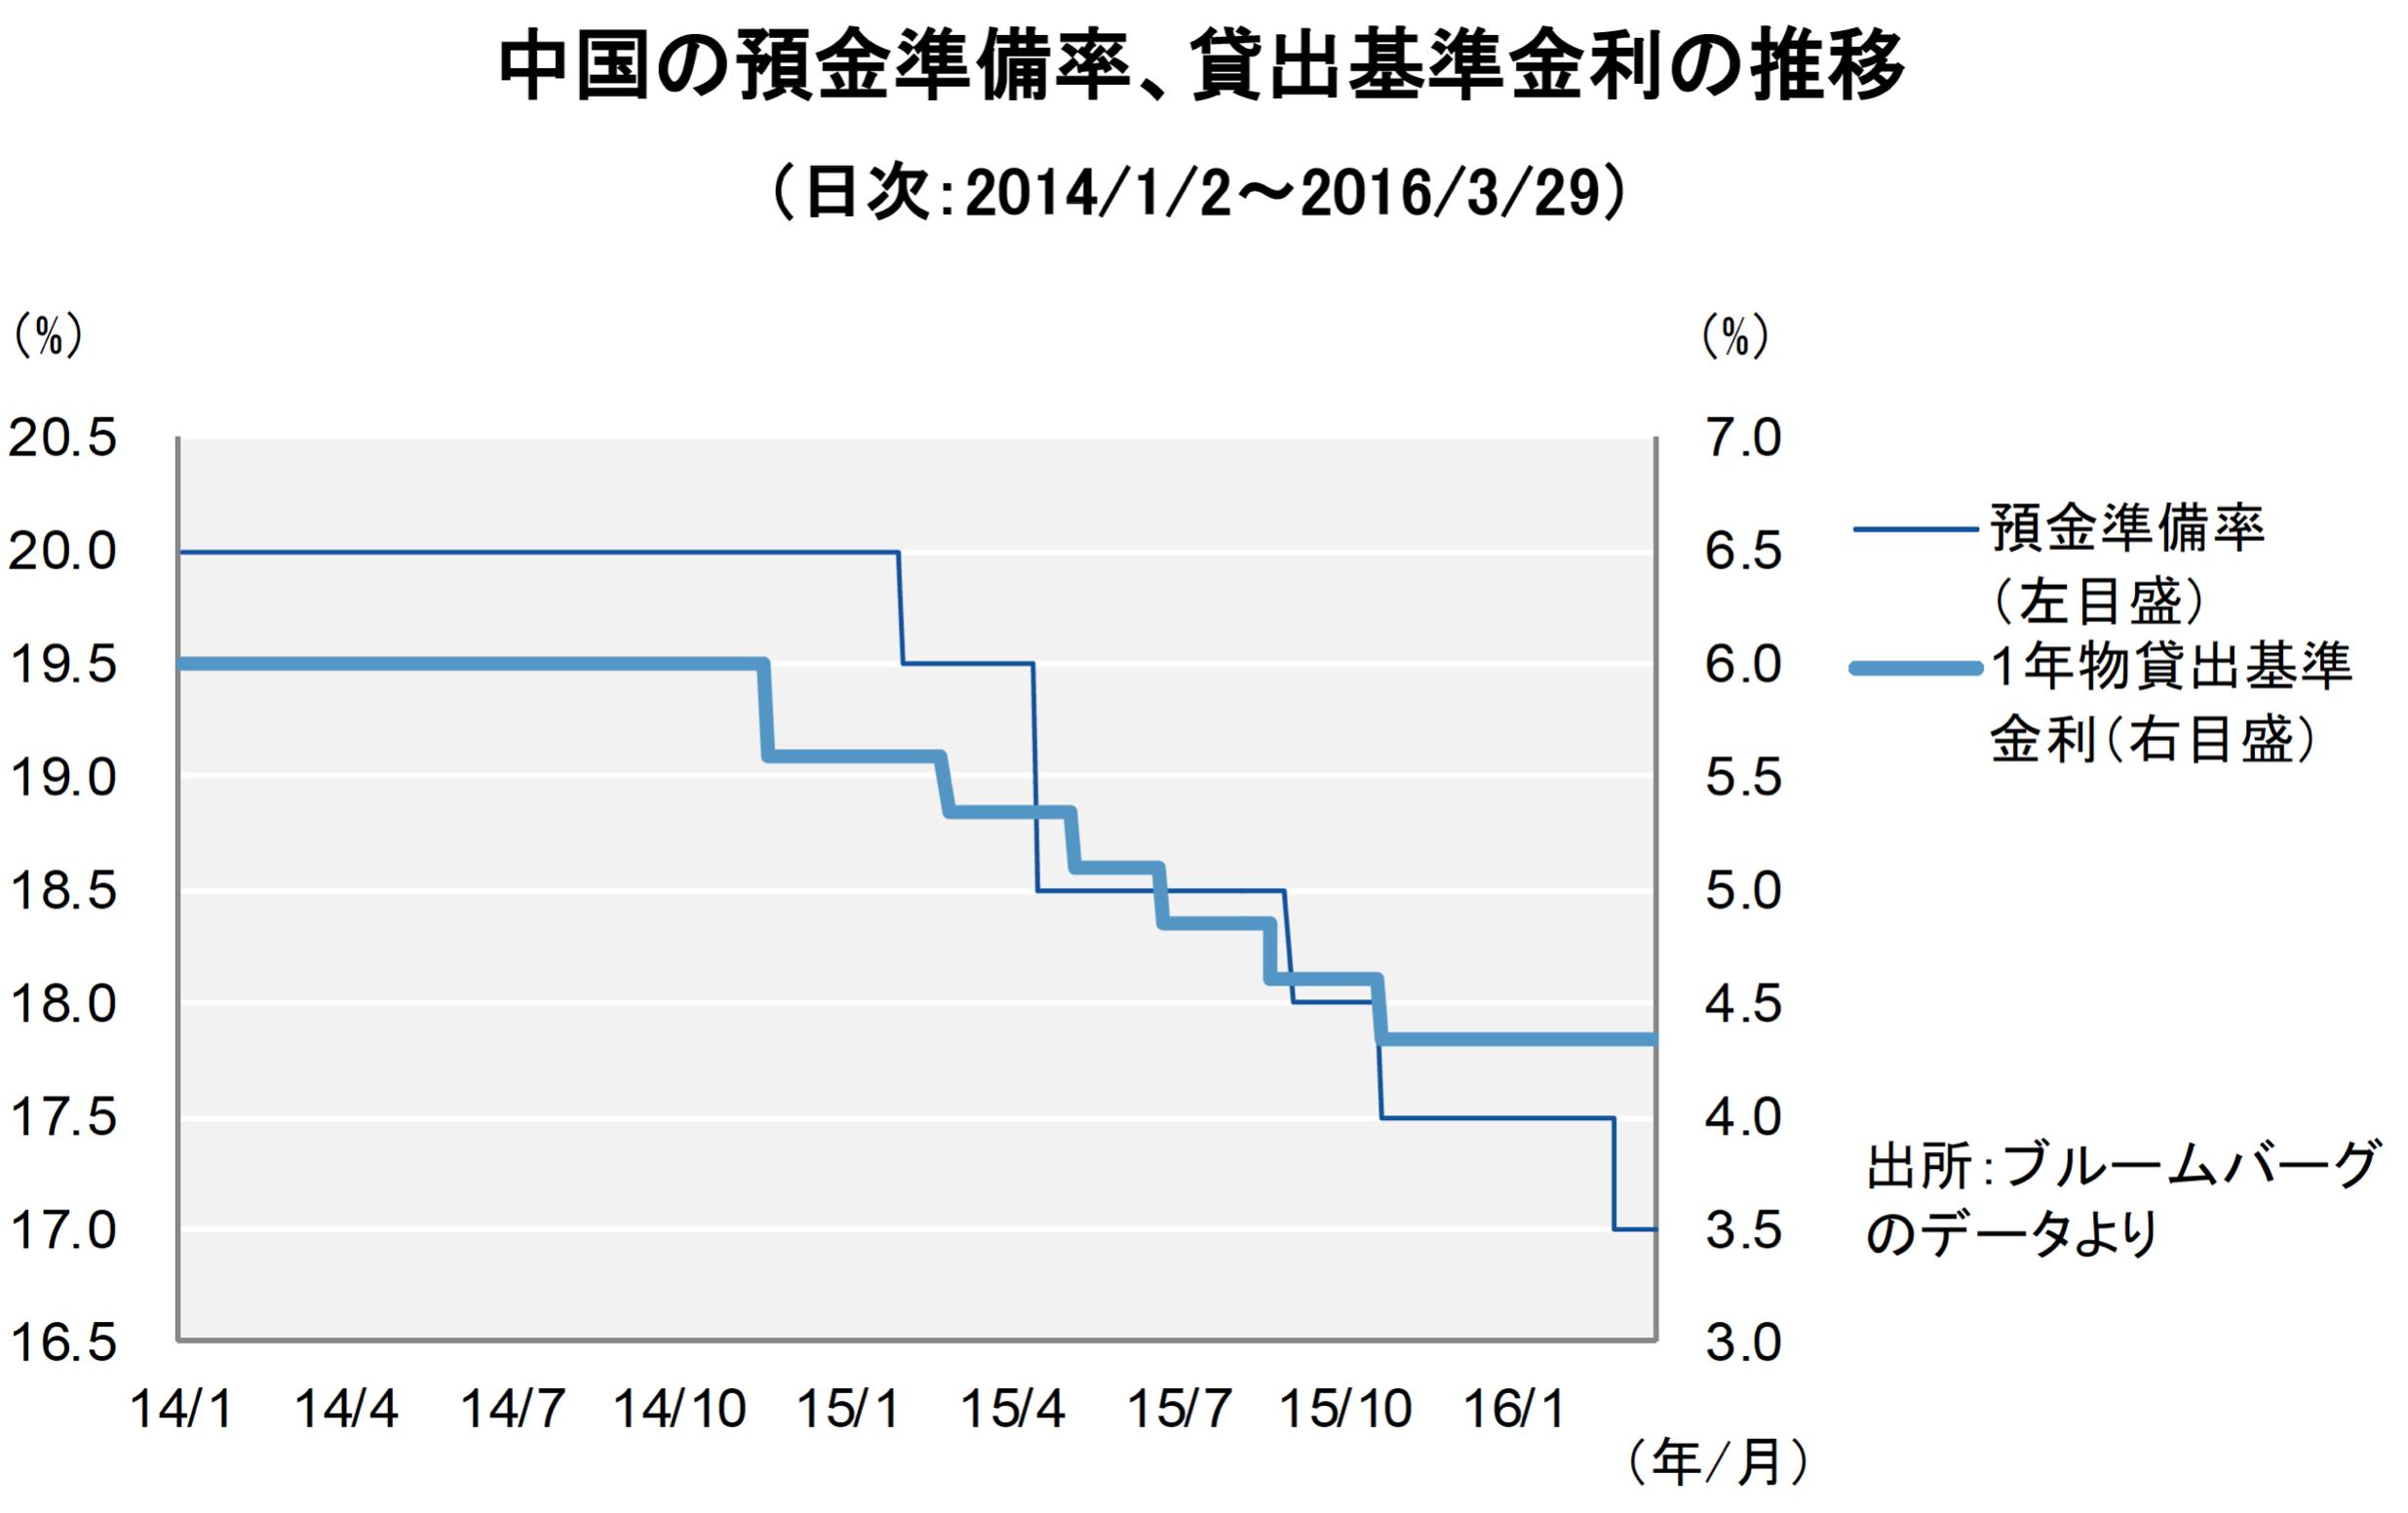 【図1】中国不動産、2016年も政府の支援策が続く見通し